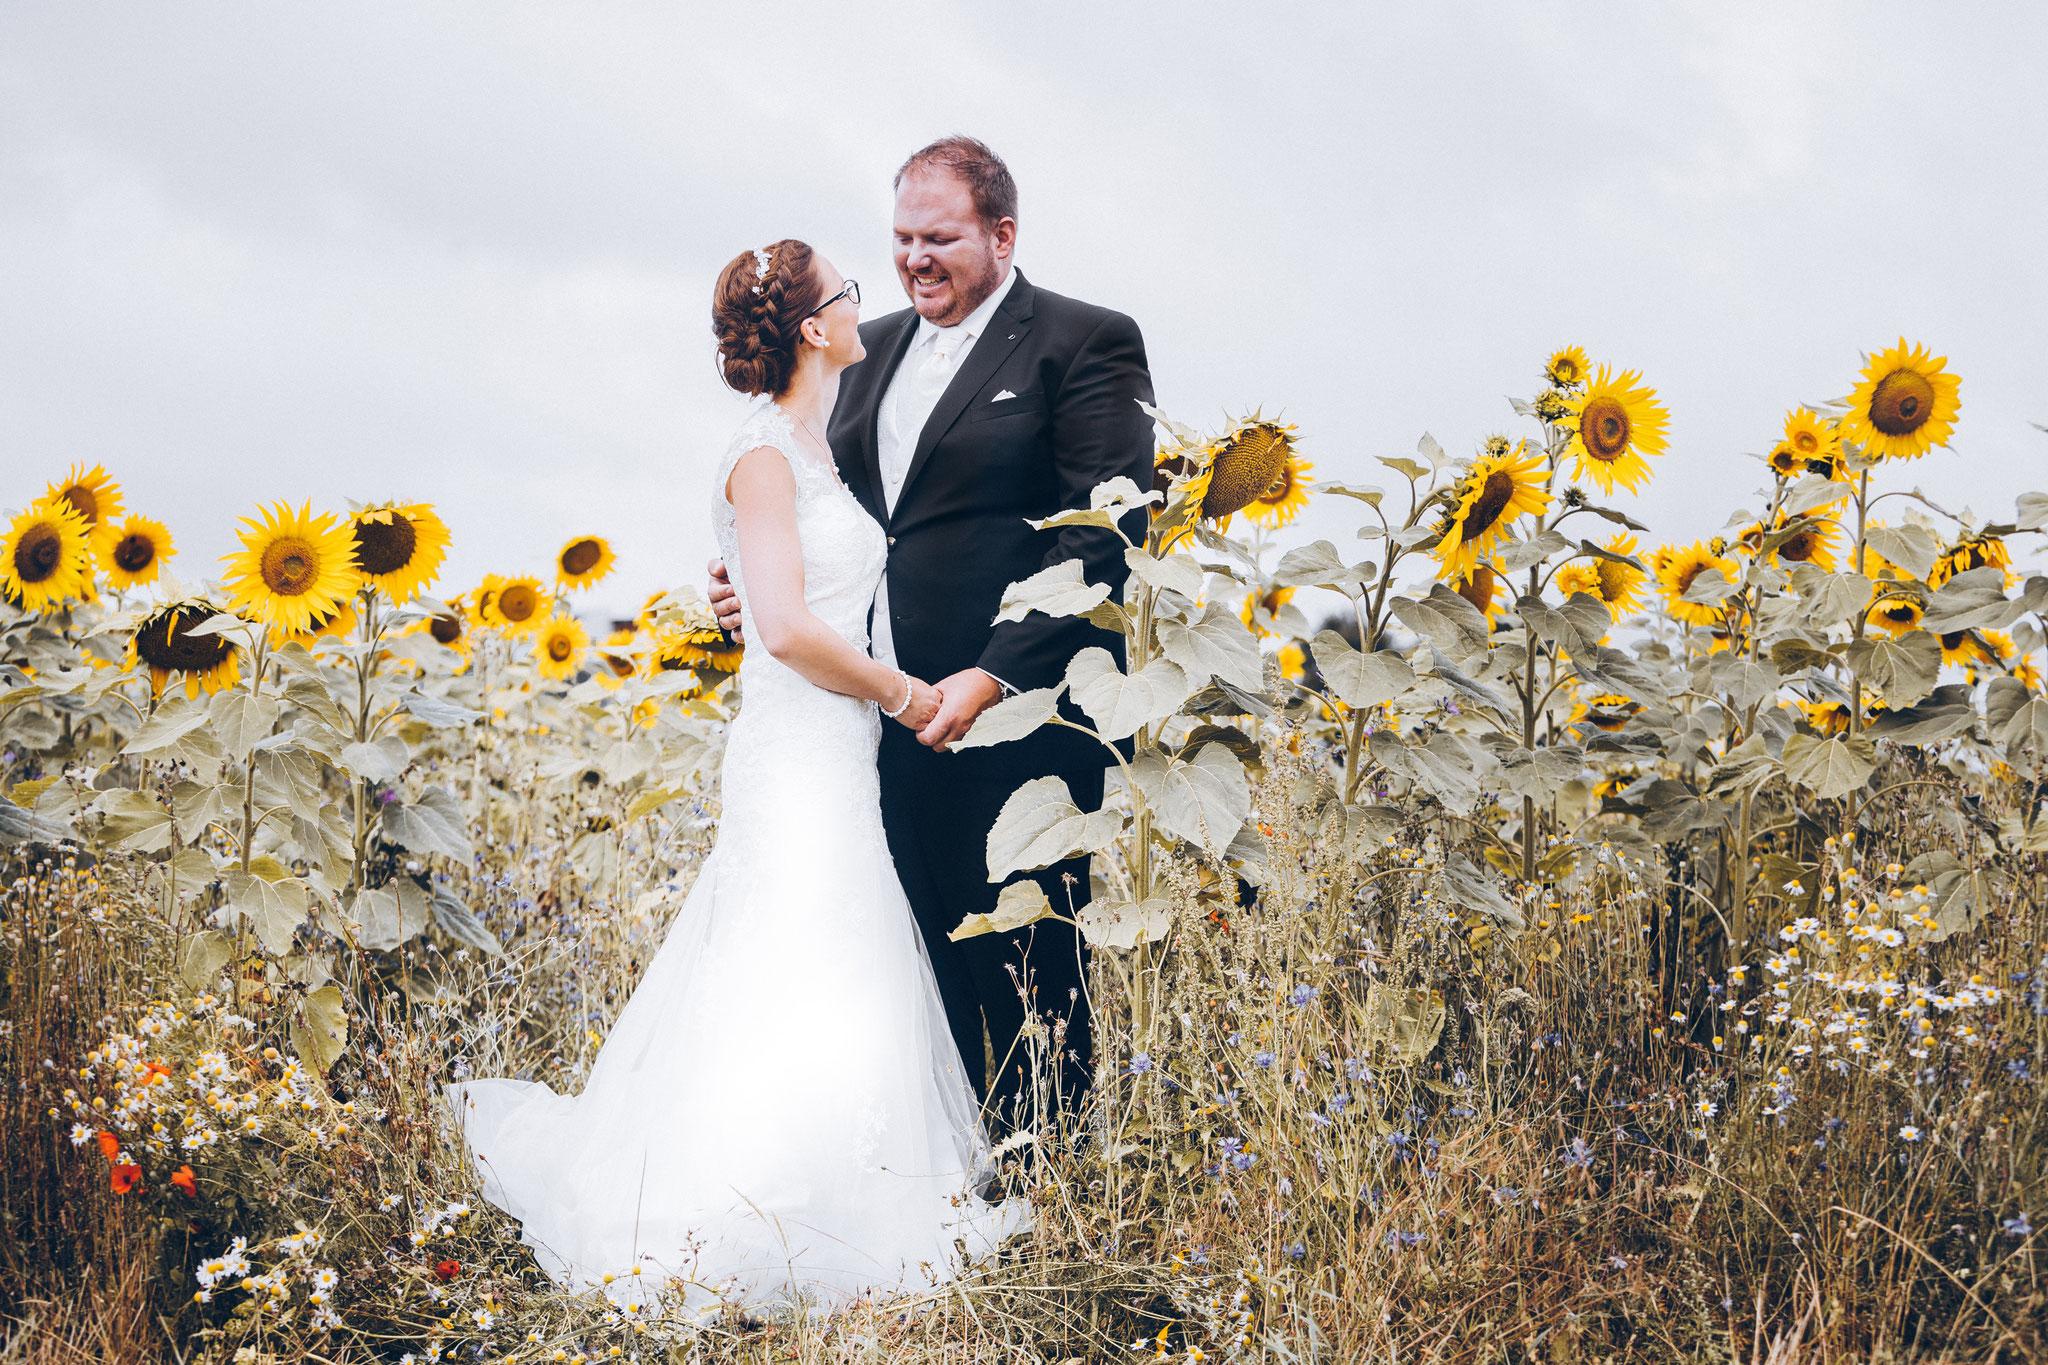 Hochzeitsfotos Sonnenblumenfeld bei Würzburg